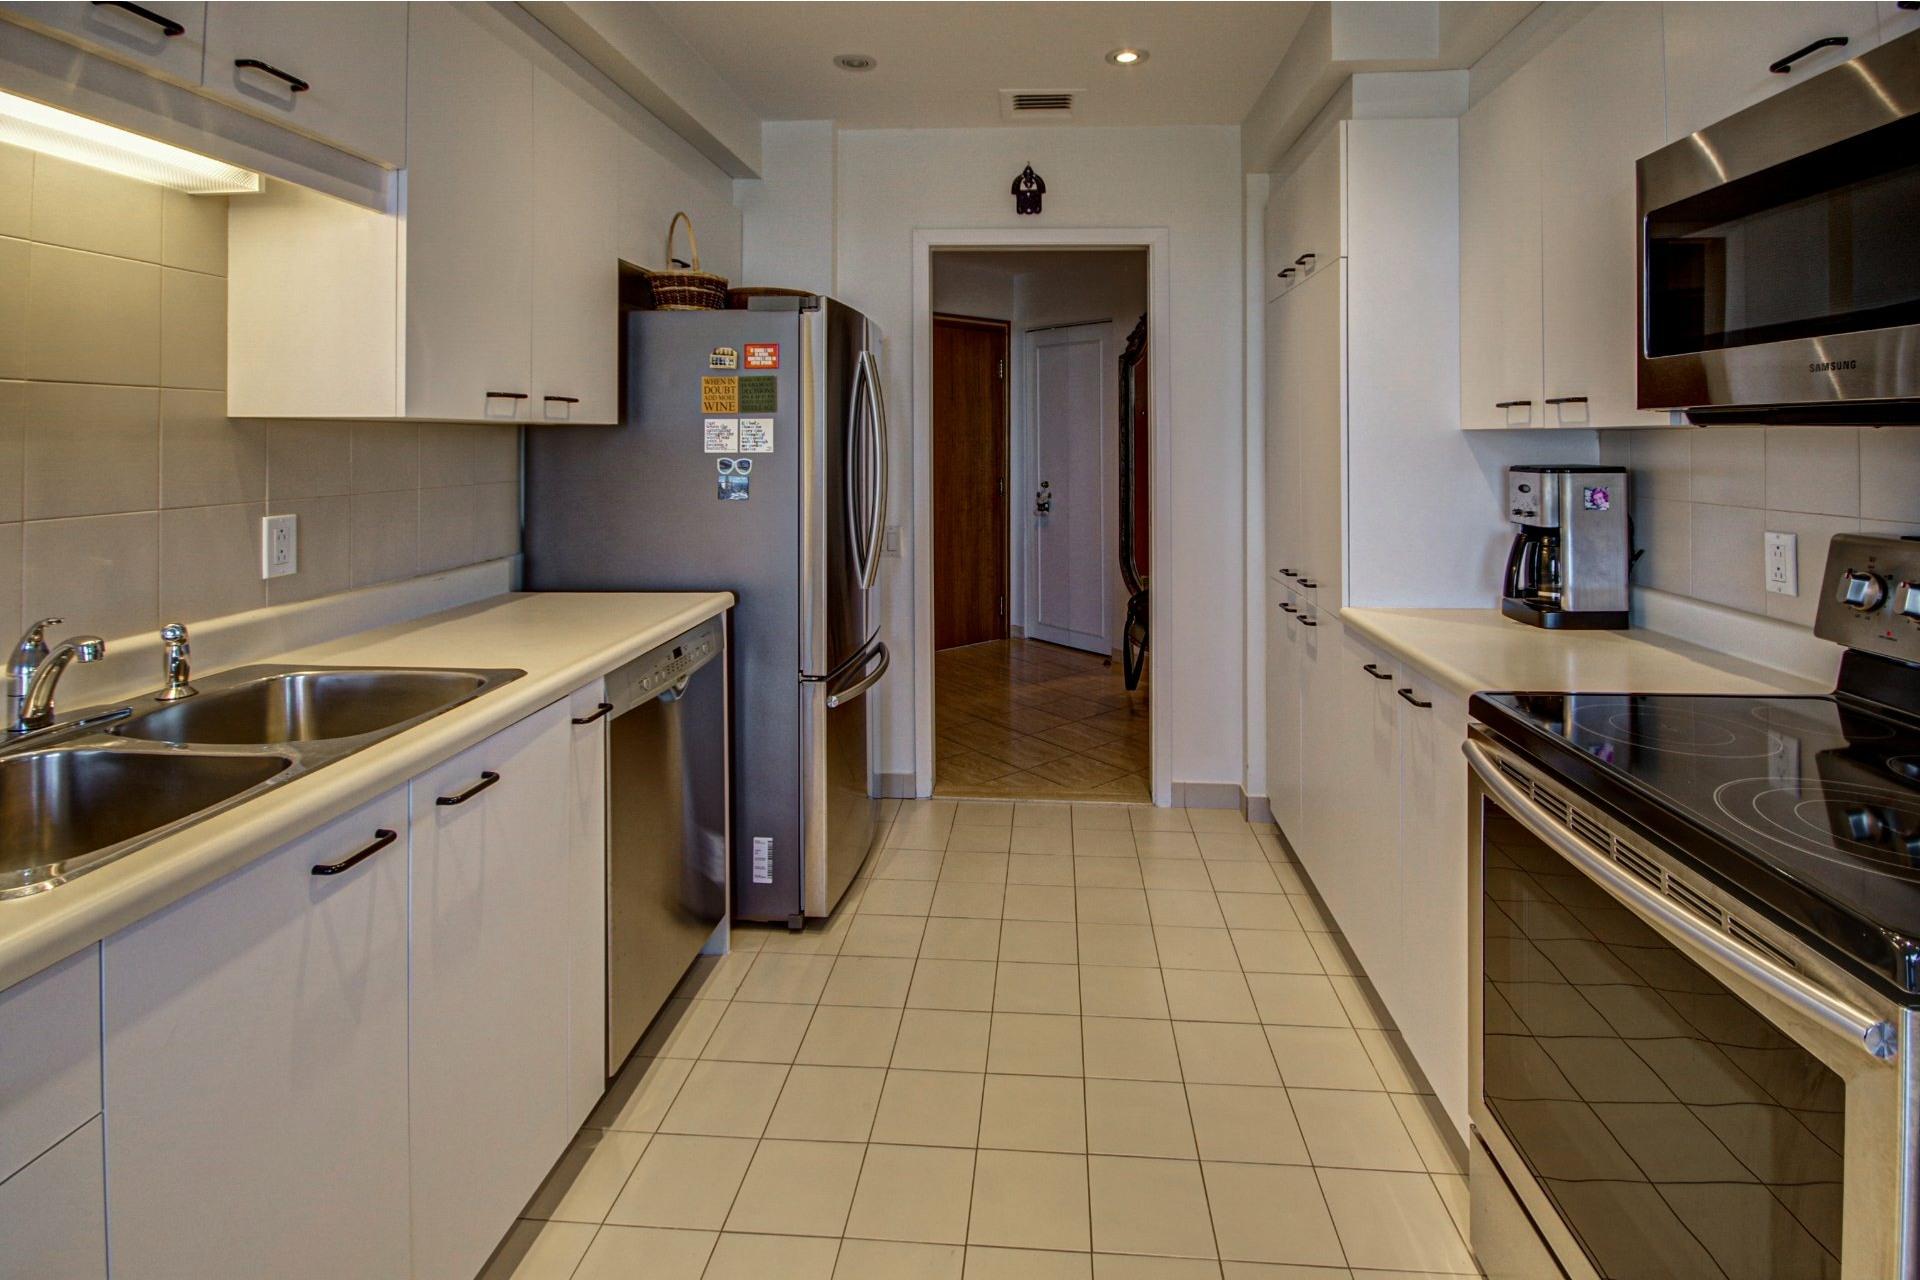 image 24 - Apartment For sale Côte-des-Neiges/Notre-Dame-de-Grâce Montréal  - 5 rooms